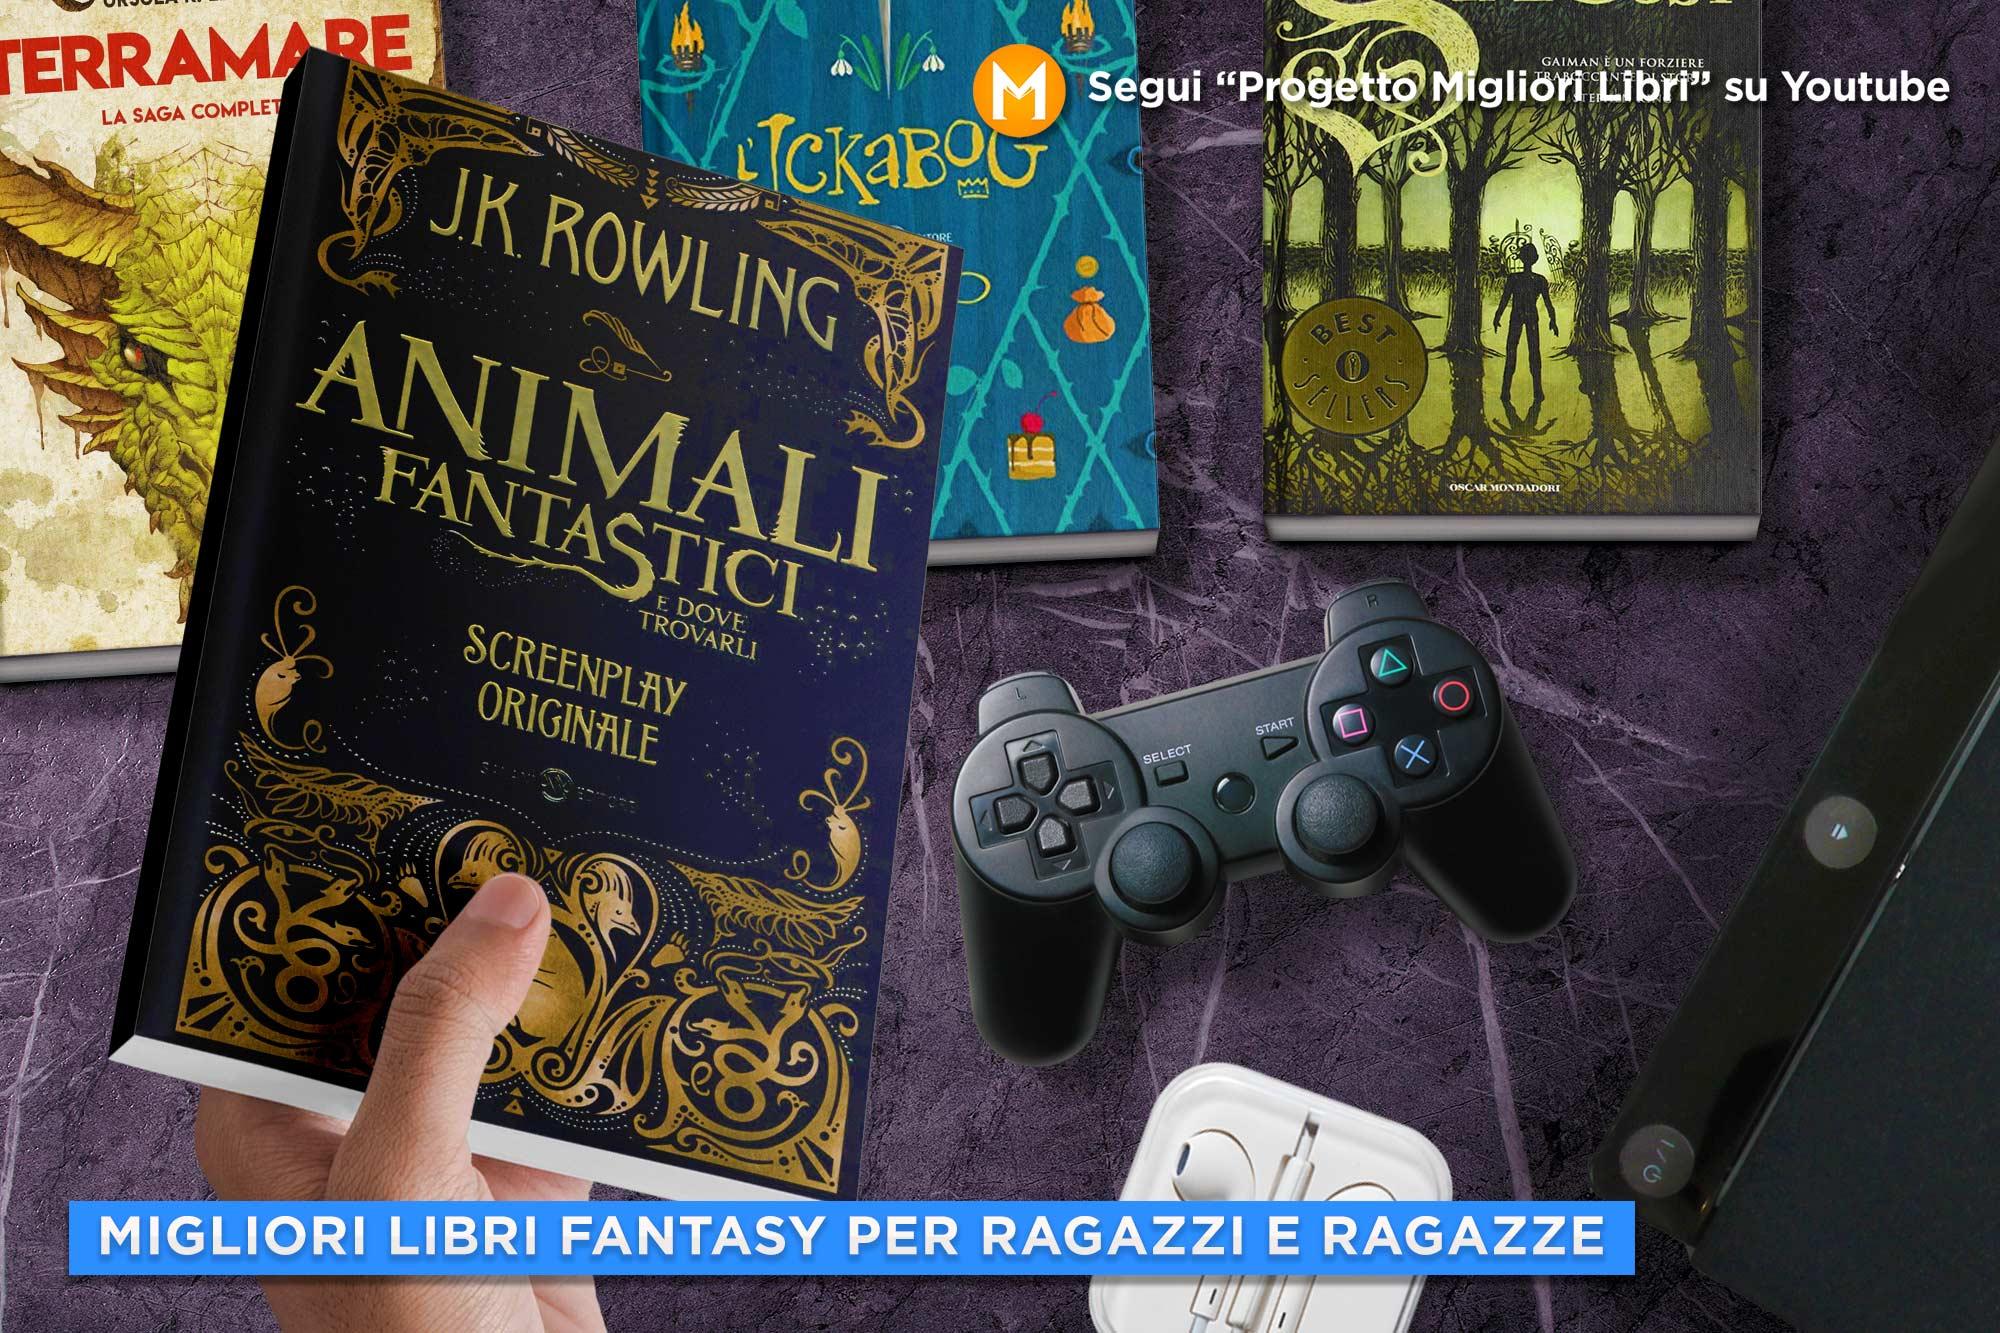 migliori-libri-fantasy-per-ragazzi